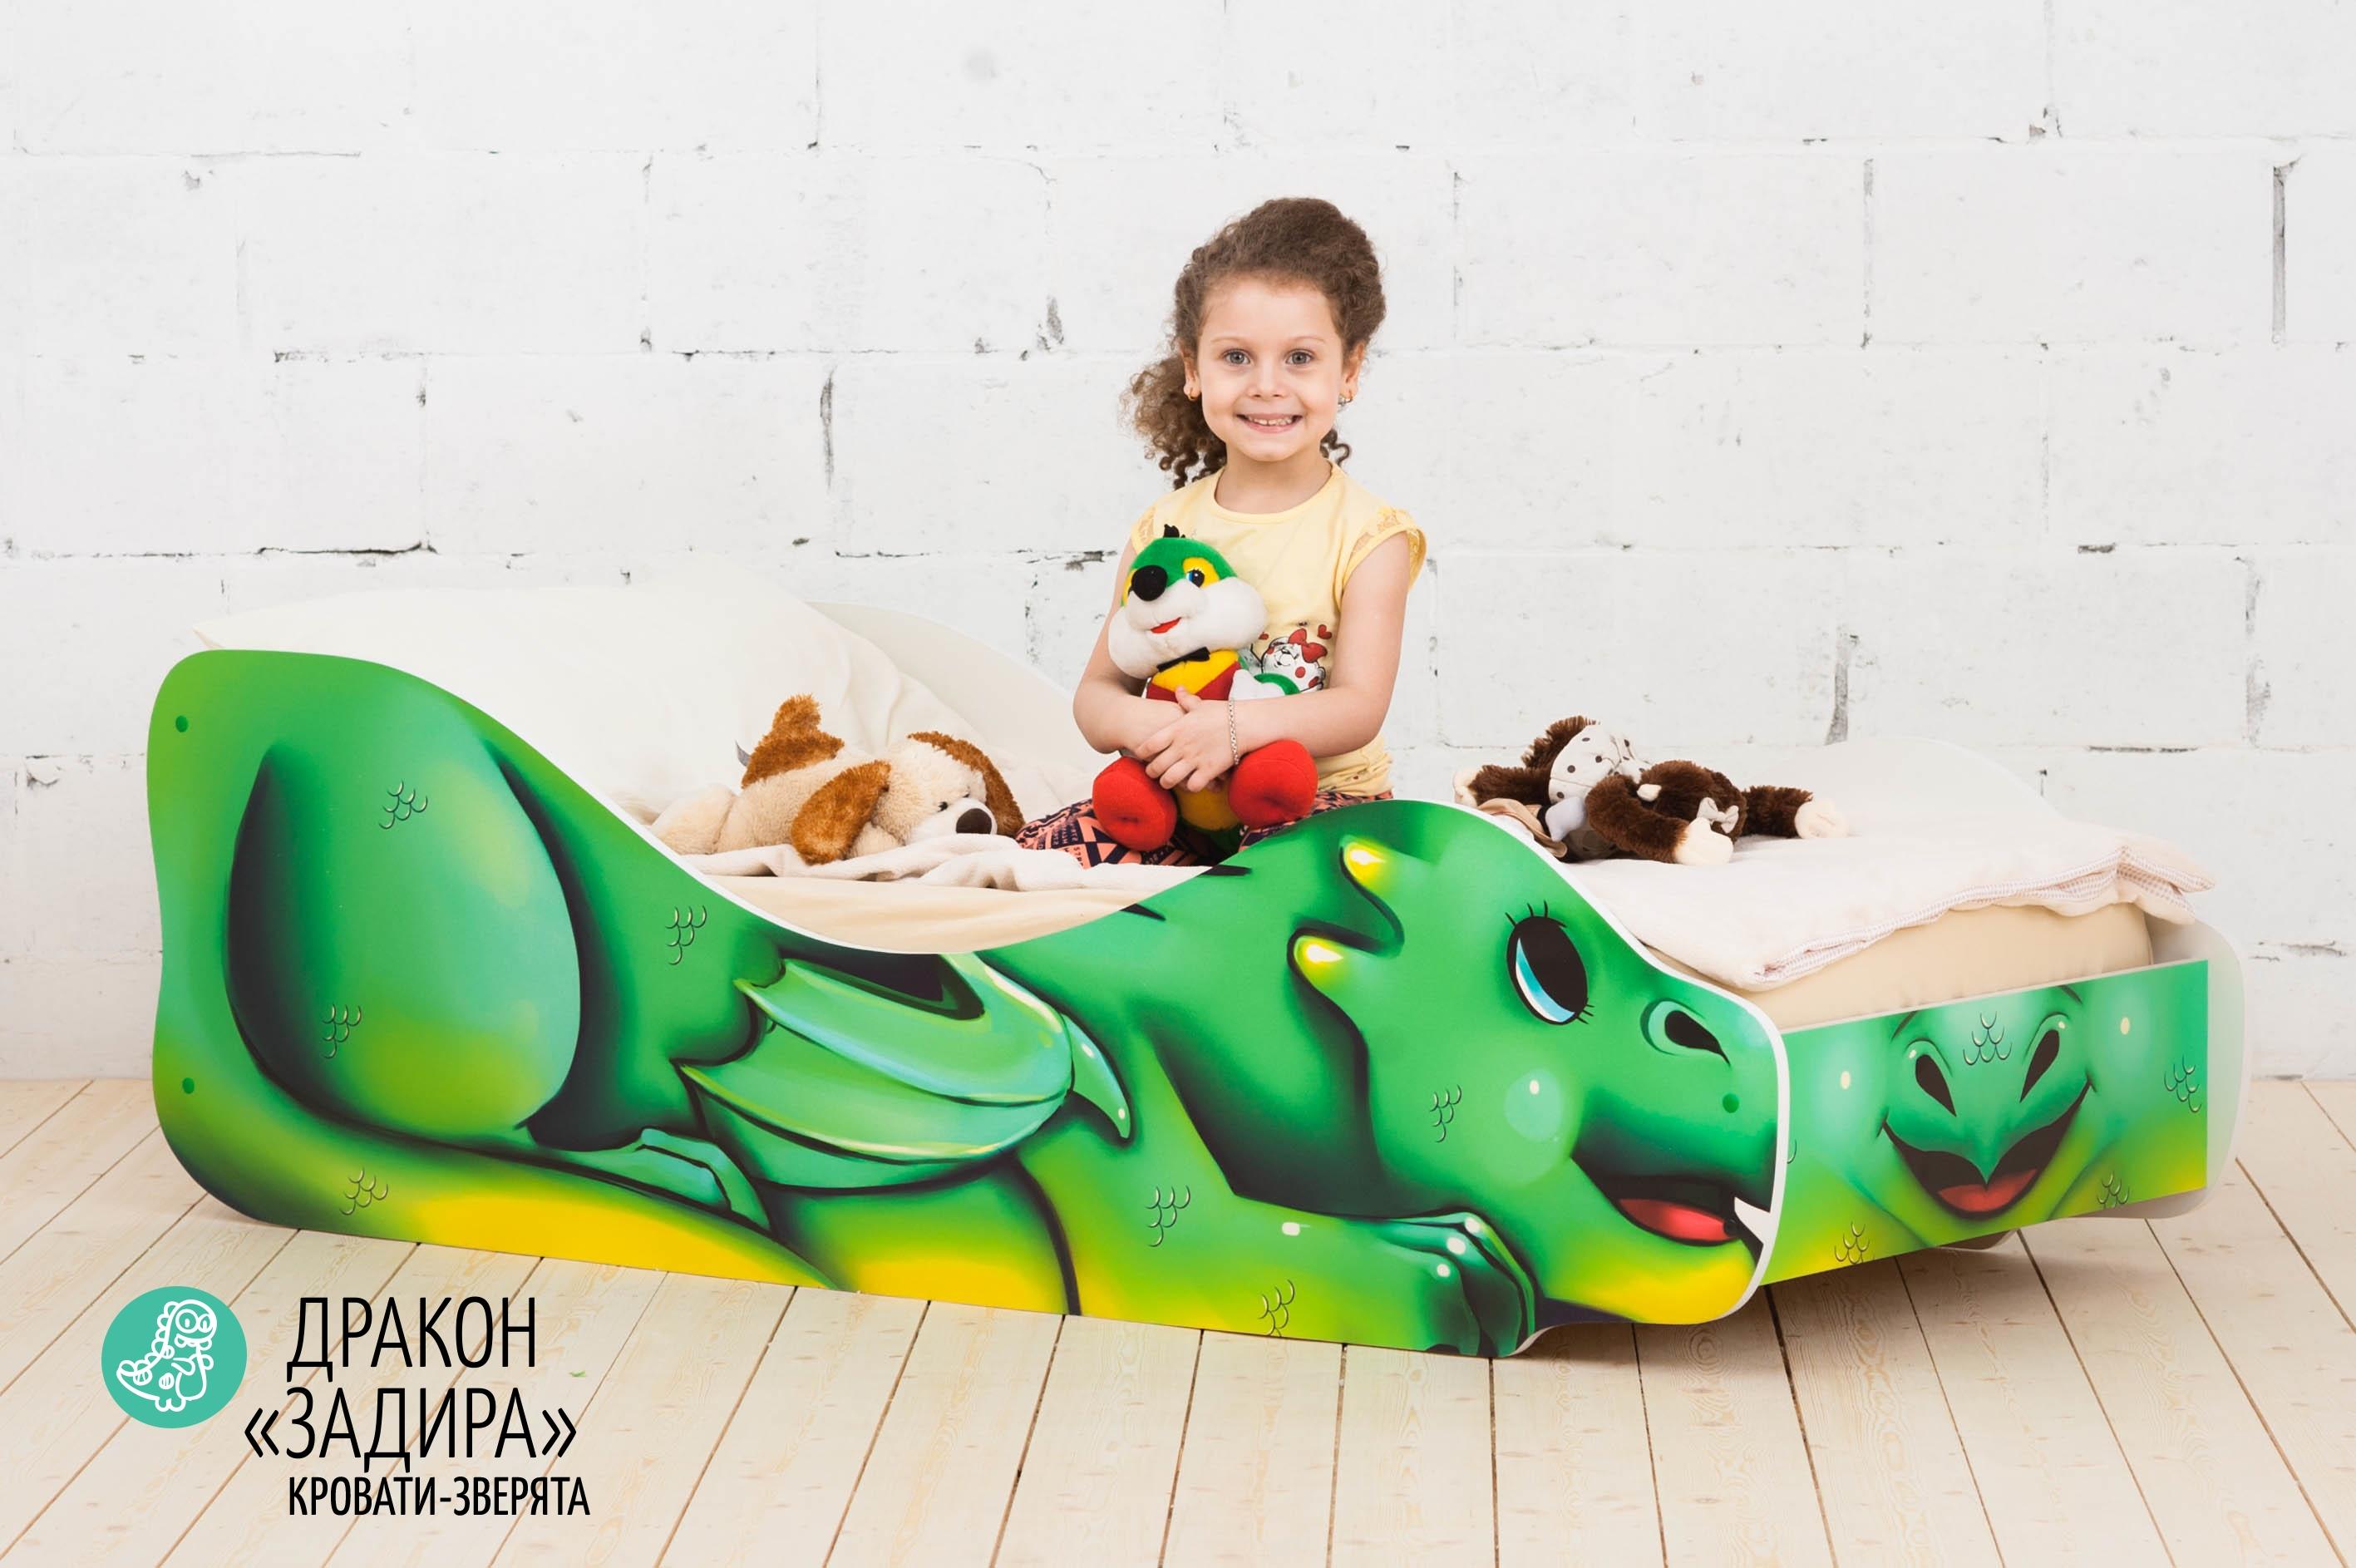 Детская кровать-зверенок -Дракон-Задира-8